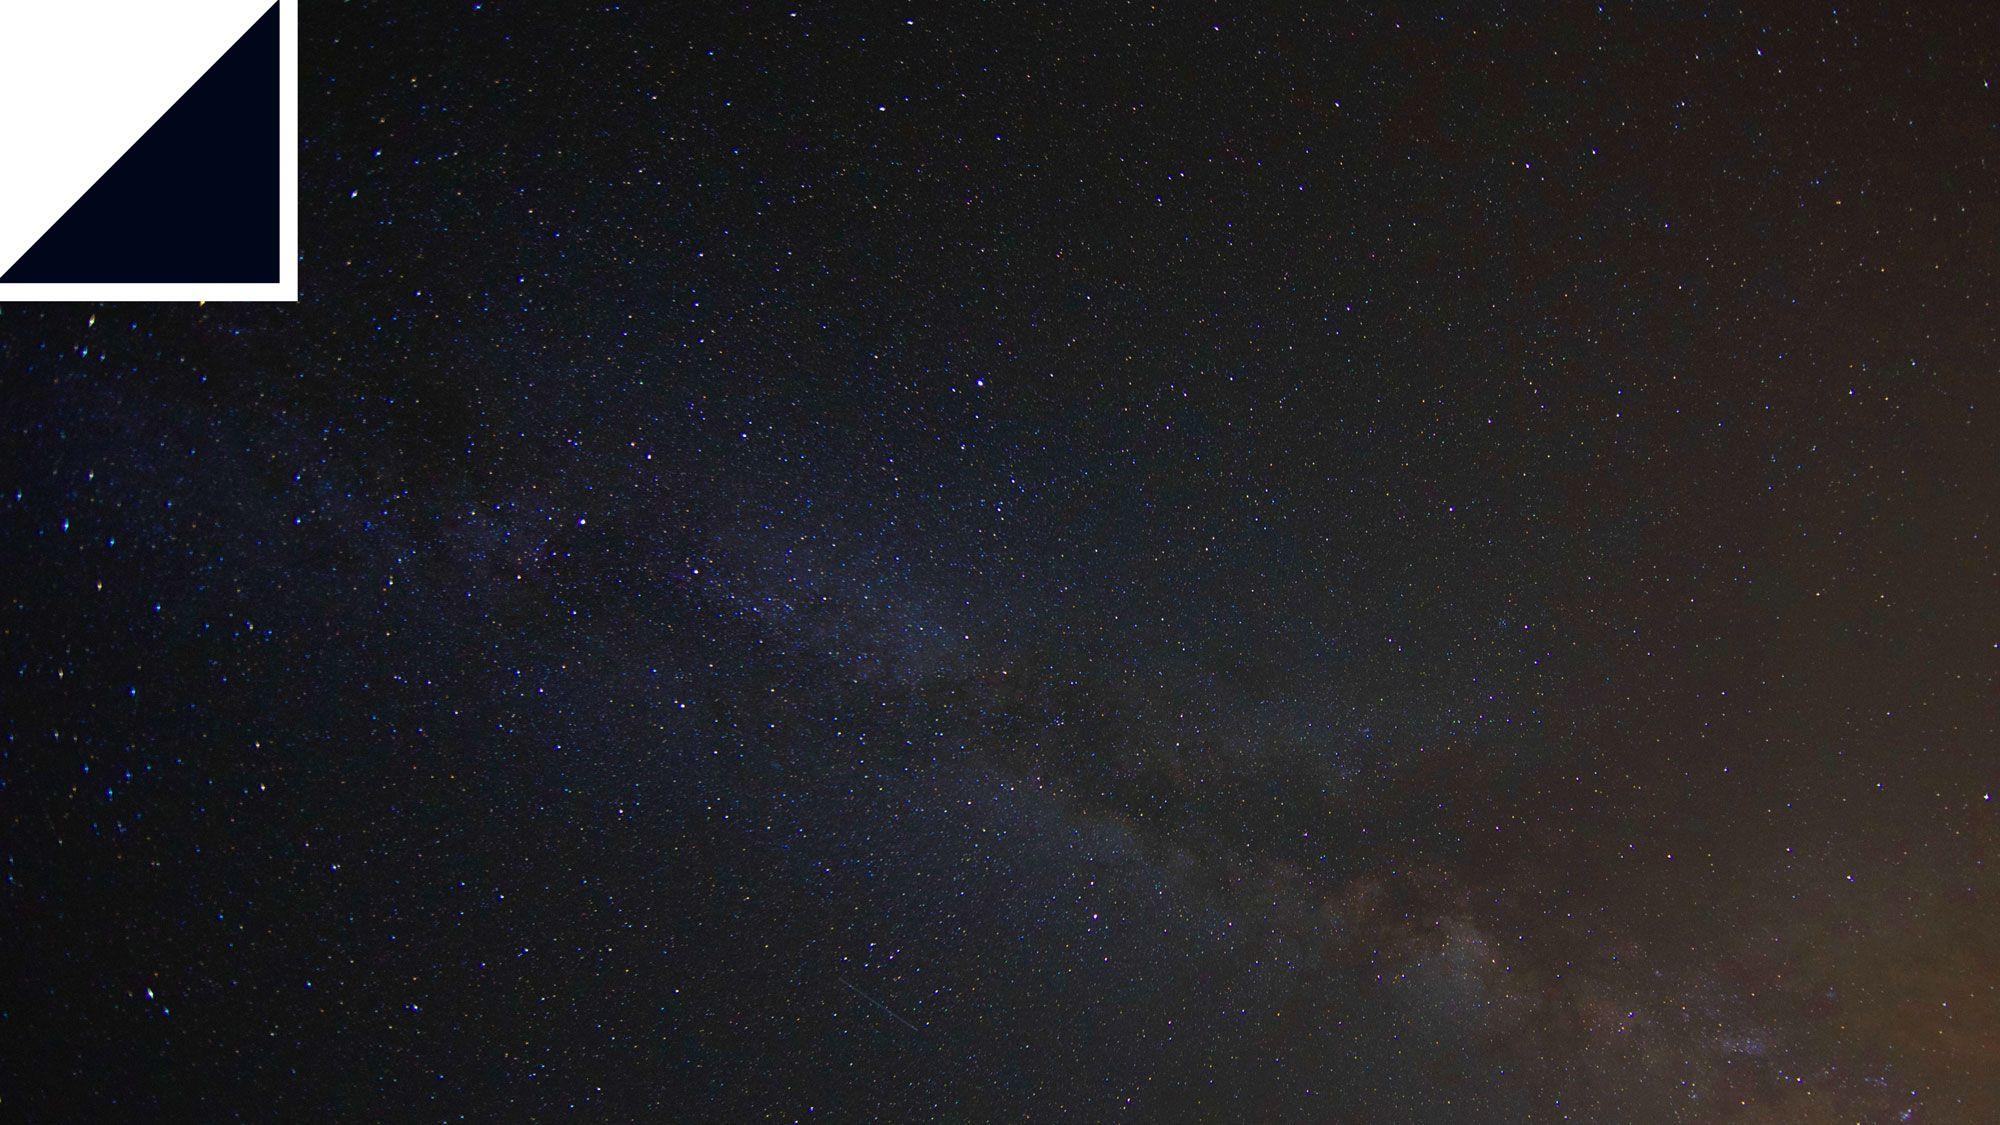 生命が存在できる惑星は意外に少ない?NASAの研究者が再計算